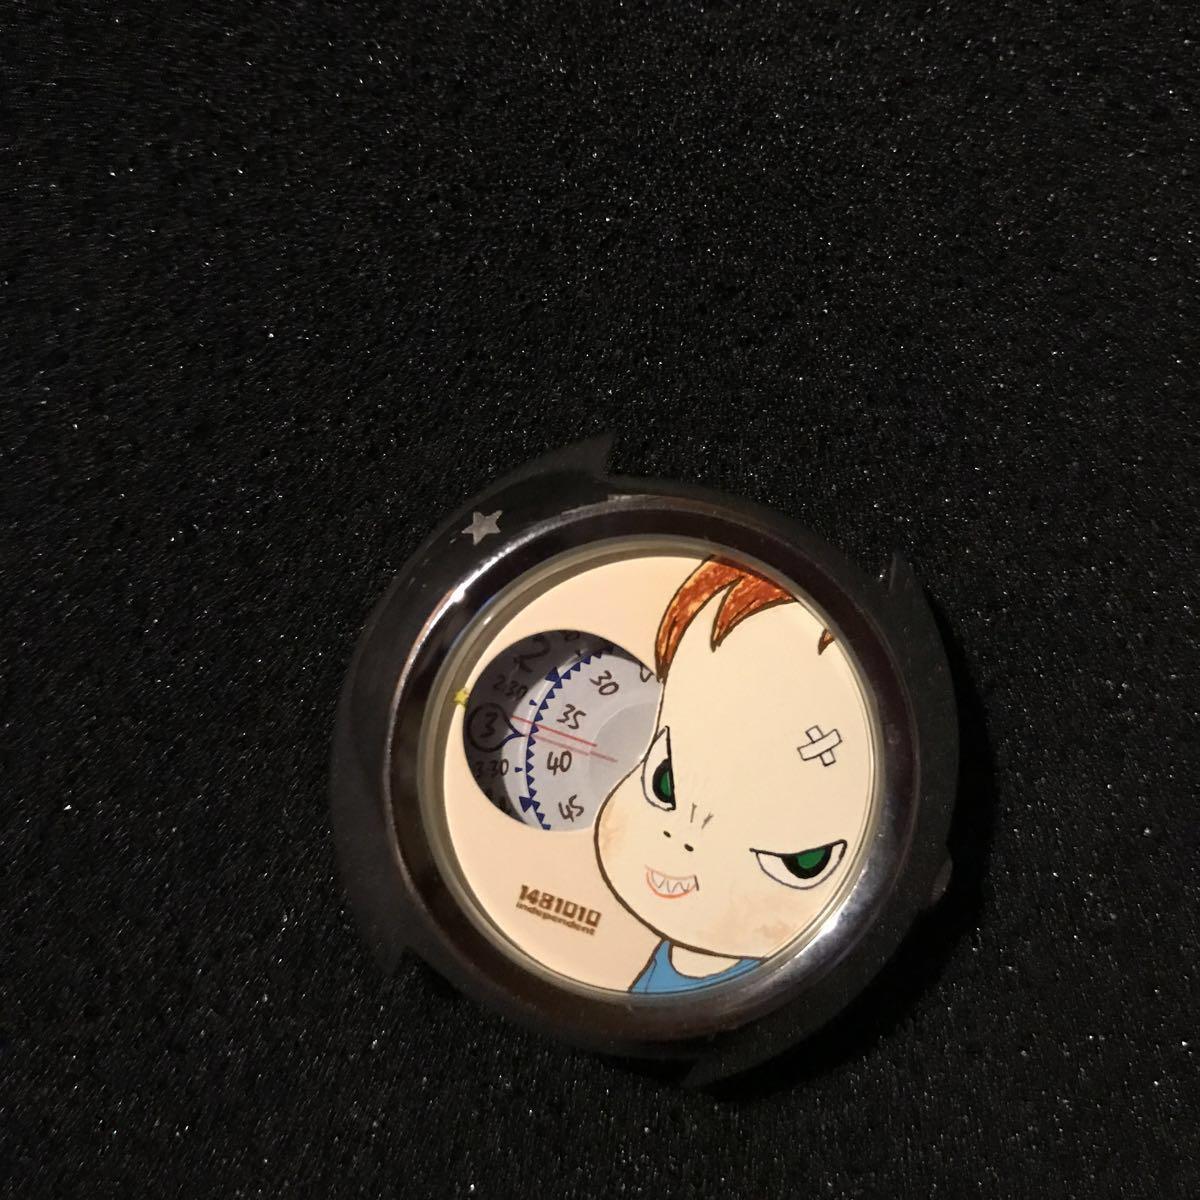 送料込 2001年シチズン製 『奈良美智』 腕時計 缶ケース付き SLASH WITH A KNIFE 希少 現代アート_画像10